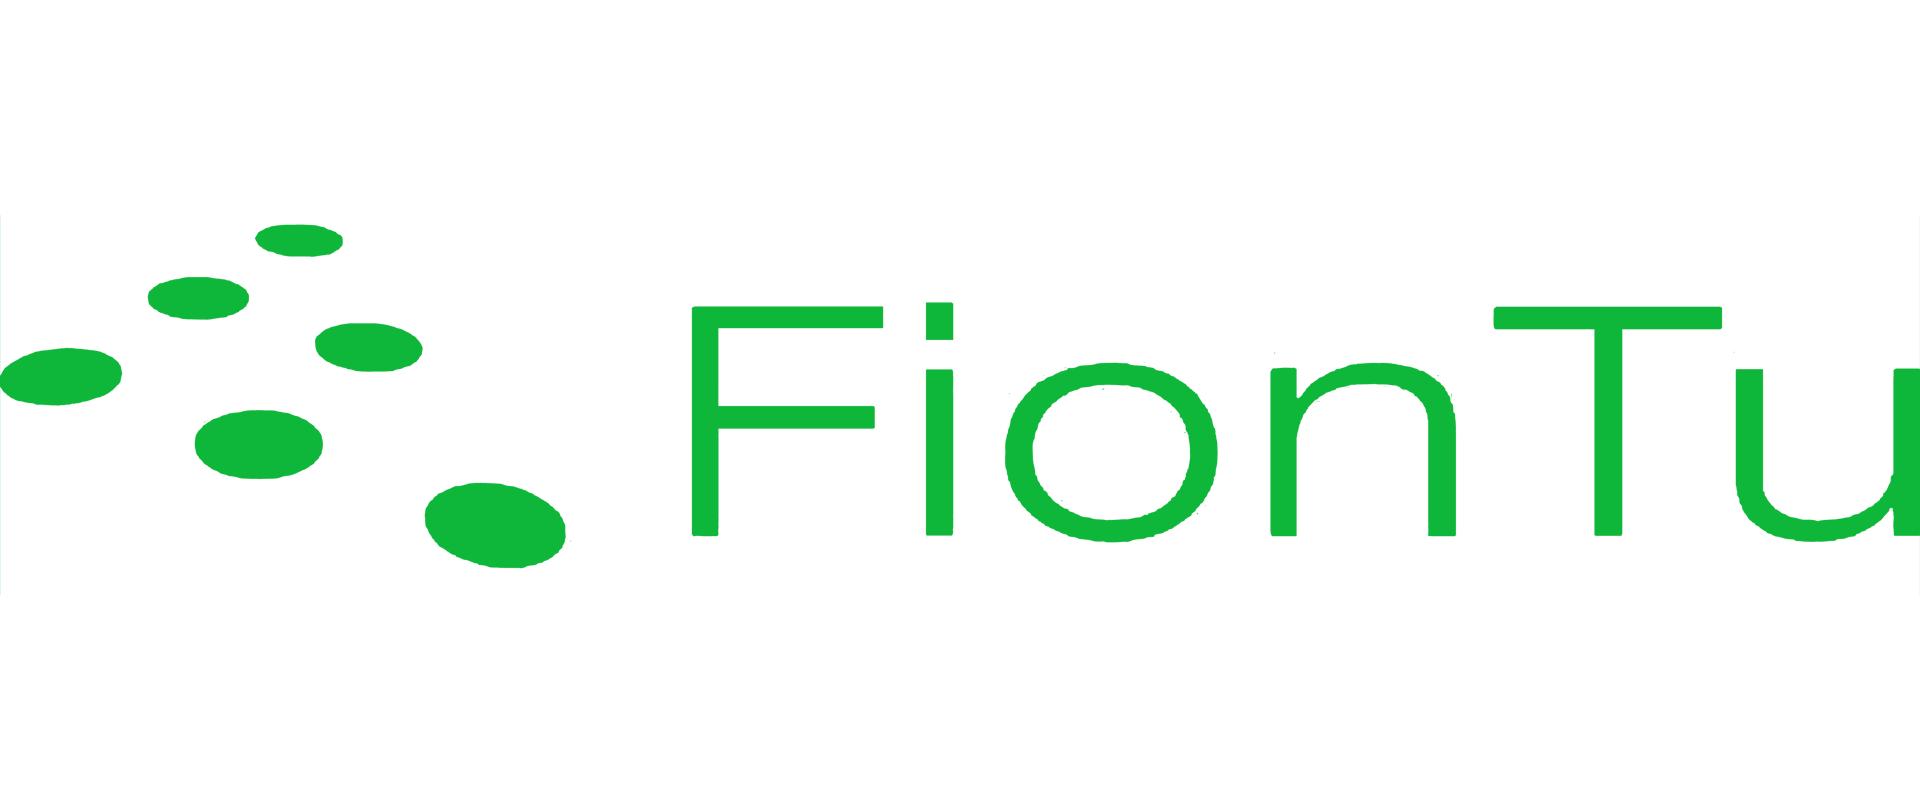 深圳市达威思智能科技有限公司(方图FionTu)概况――方图FionTu商标LOGO